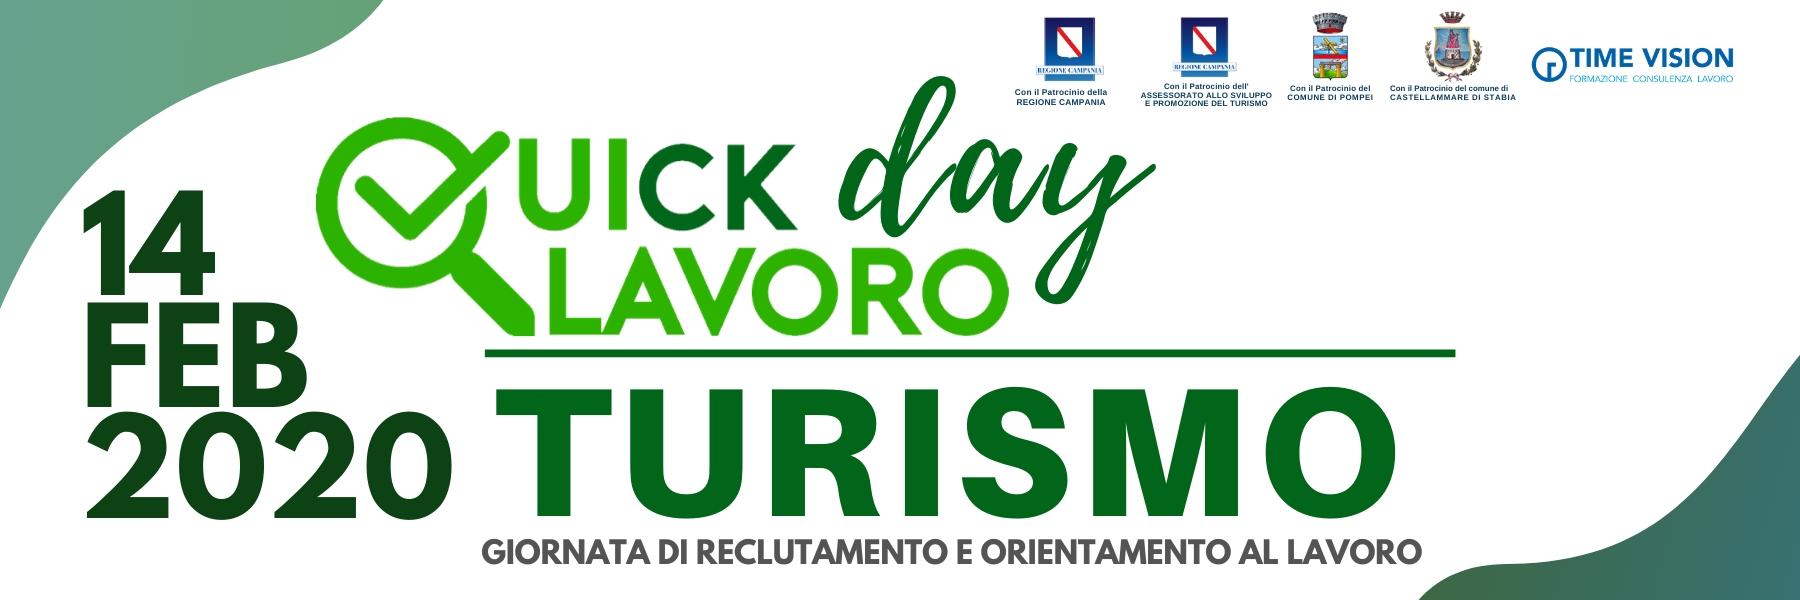 Giornata di reclutamento e orientamento al lavoro (1)